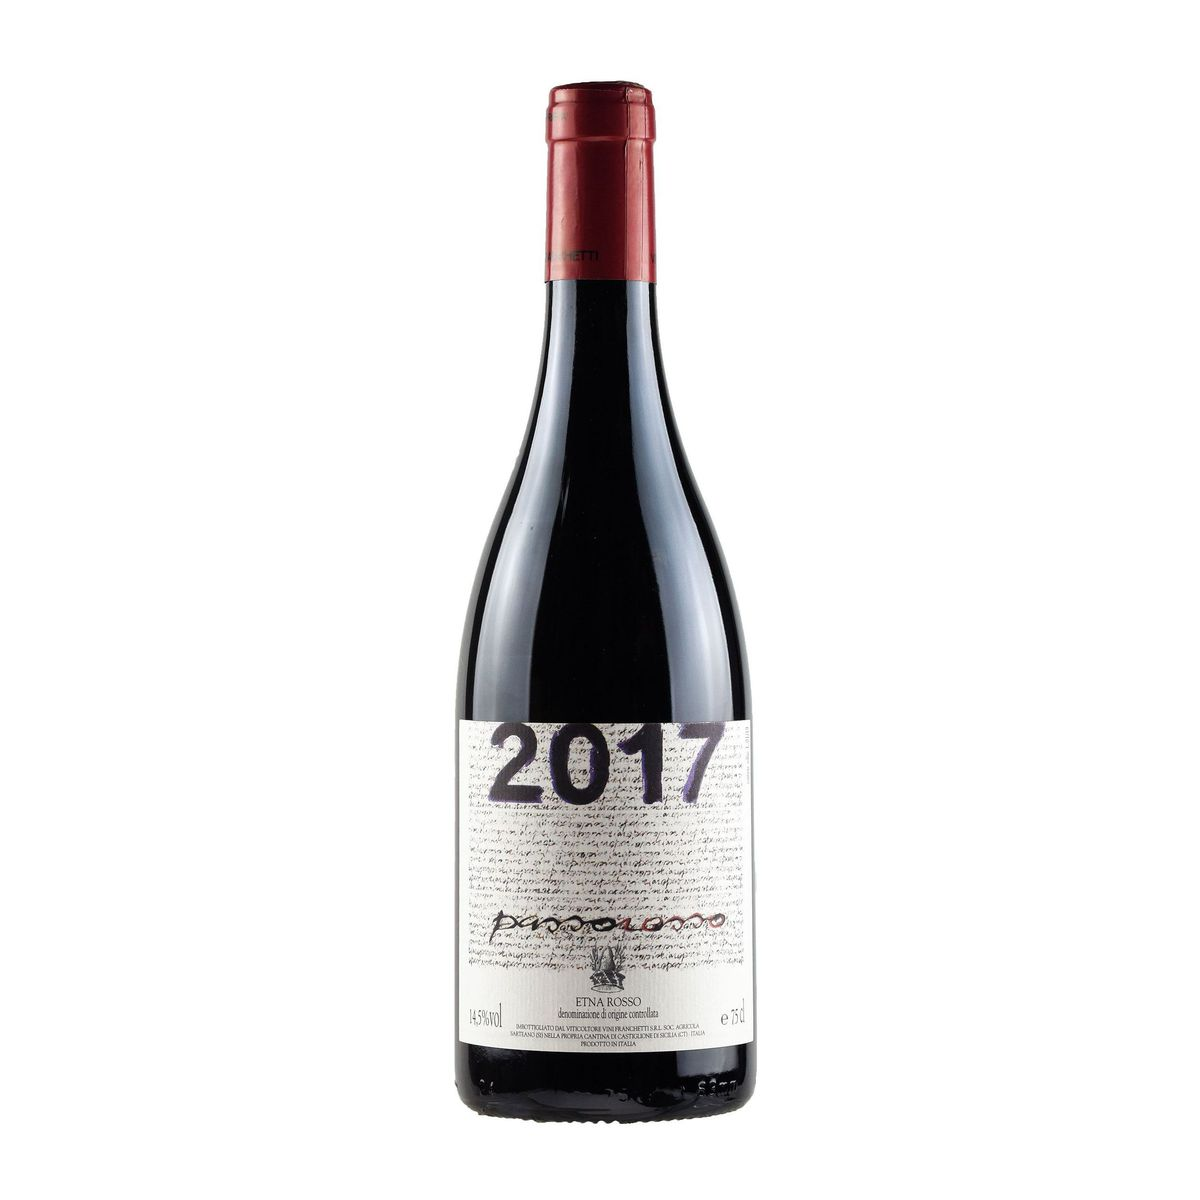 Passorosso 2017 Vini Franchetti